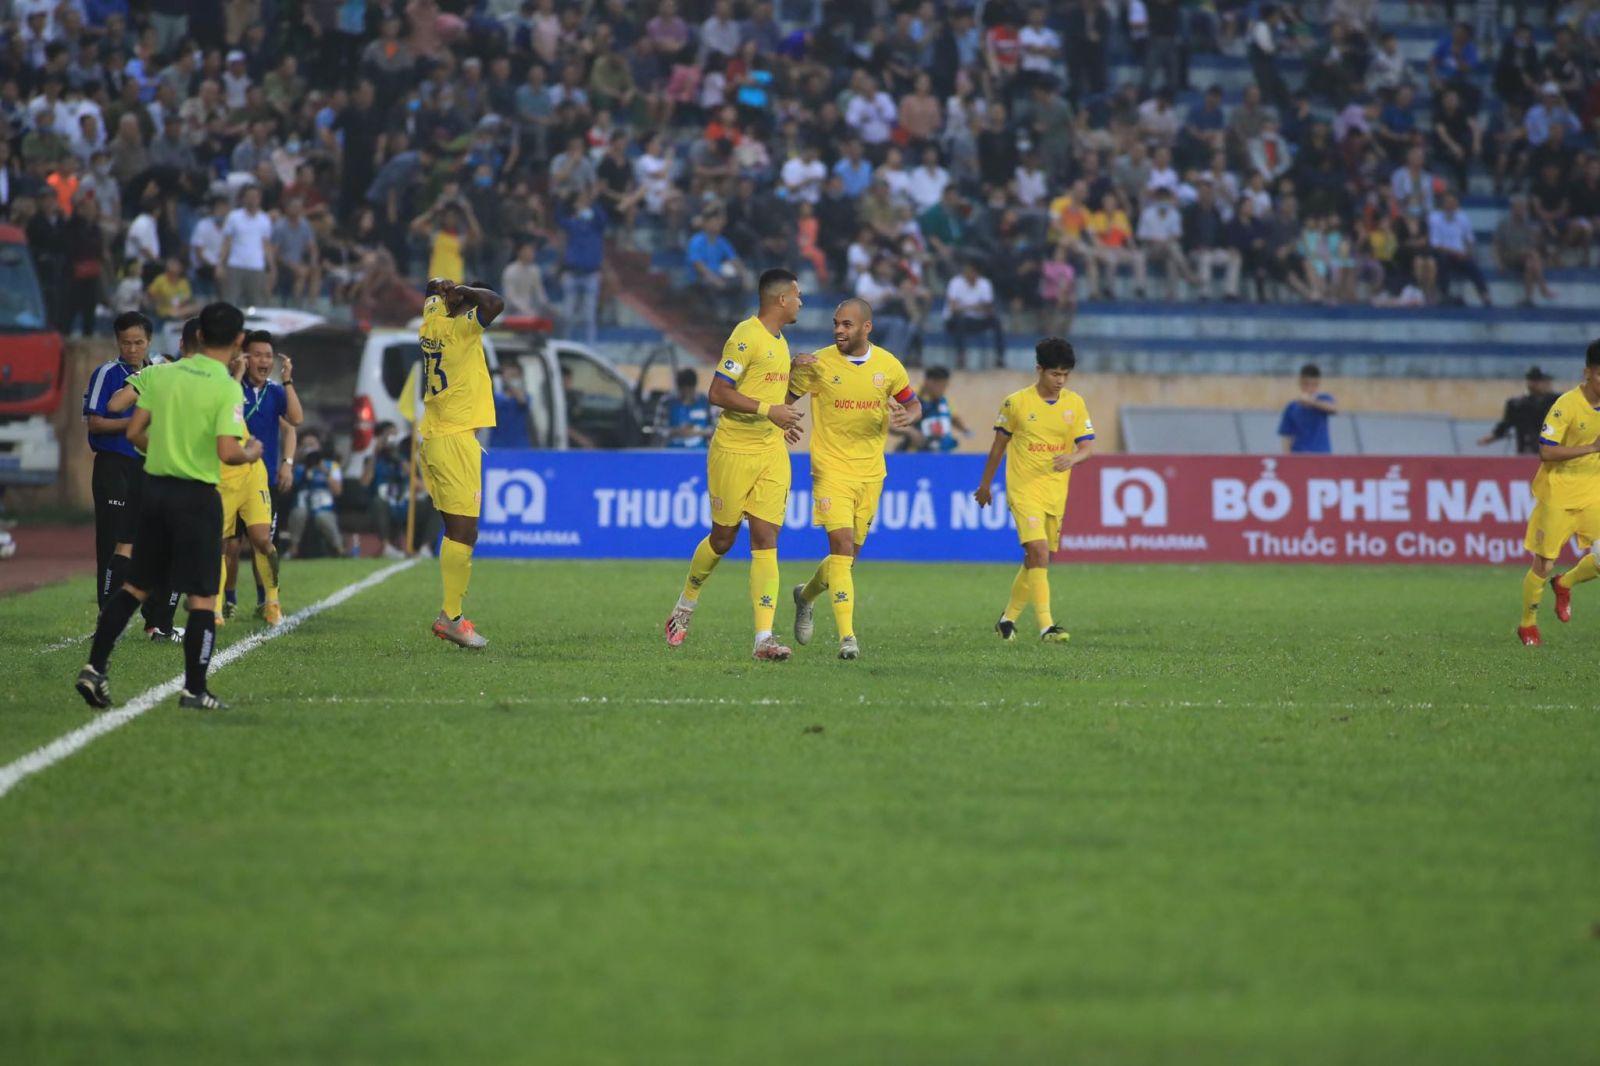 Nhưng Nam Định vẫn có 3 điểm nhờ sự toả sáng của bộ đôi ngoại binh là Konan và Rodrigo